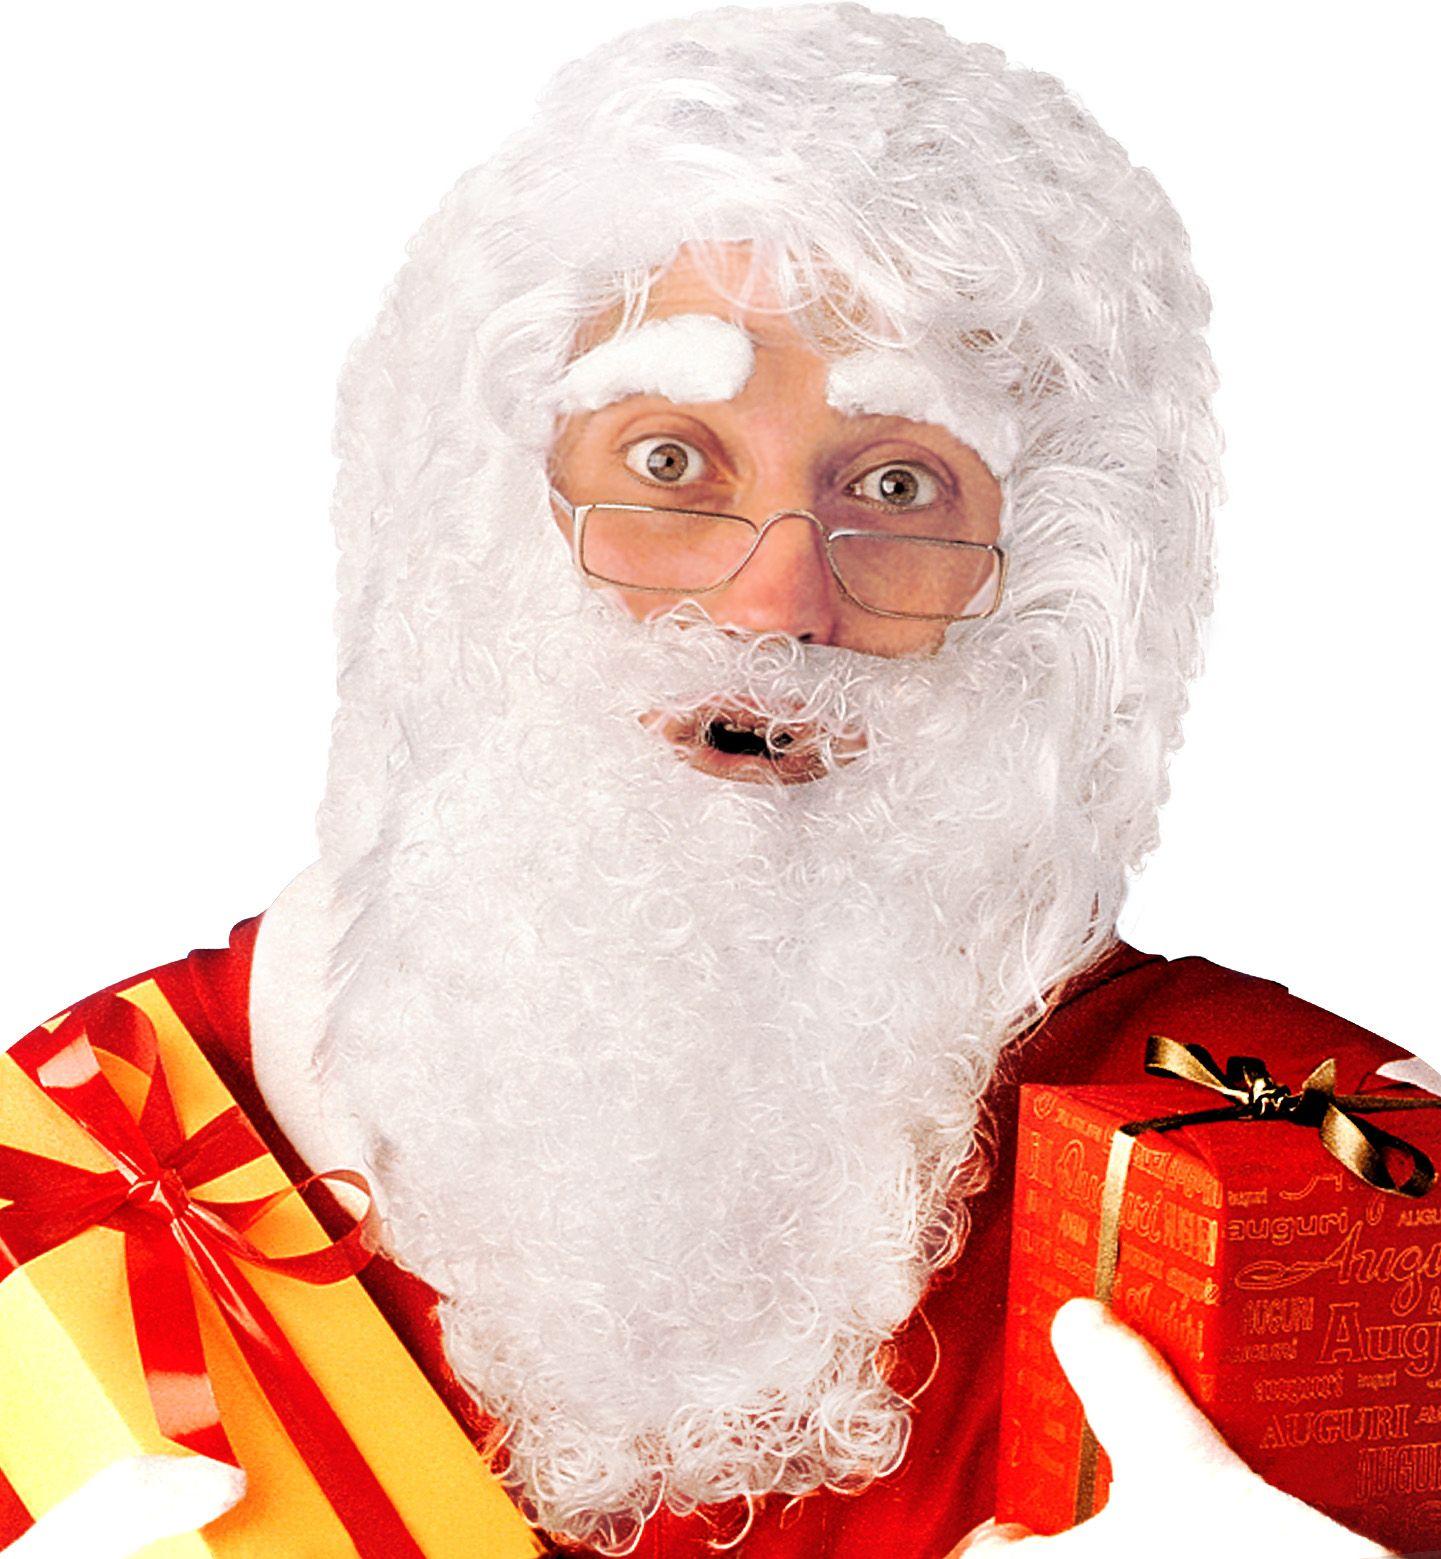 Kerstman pruik met baard, snor en wenkbrauwen